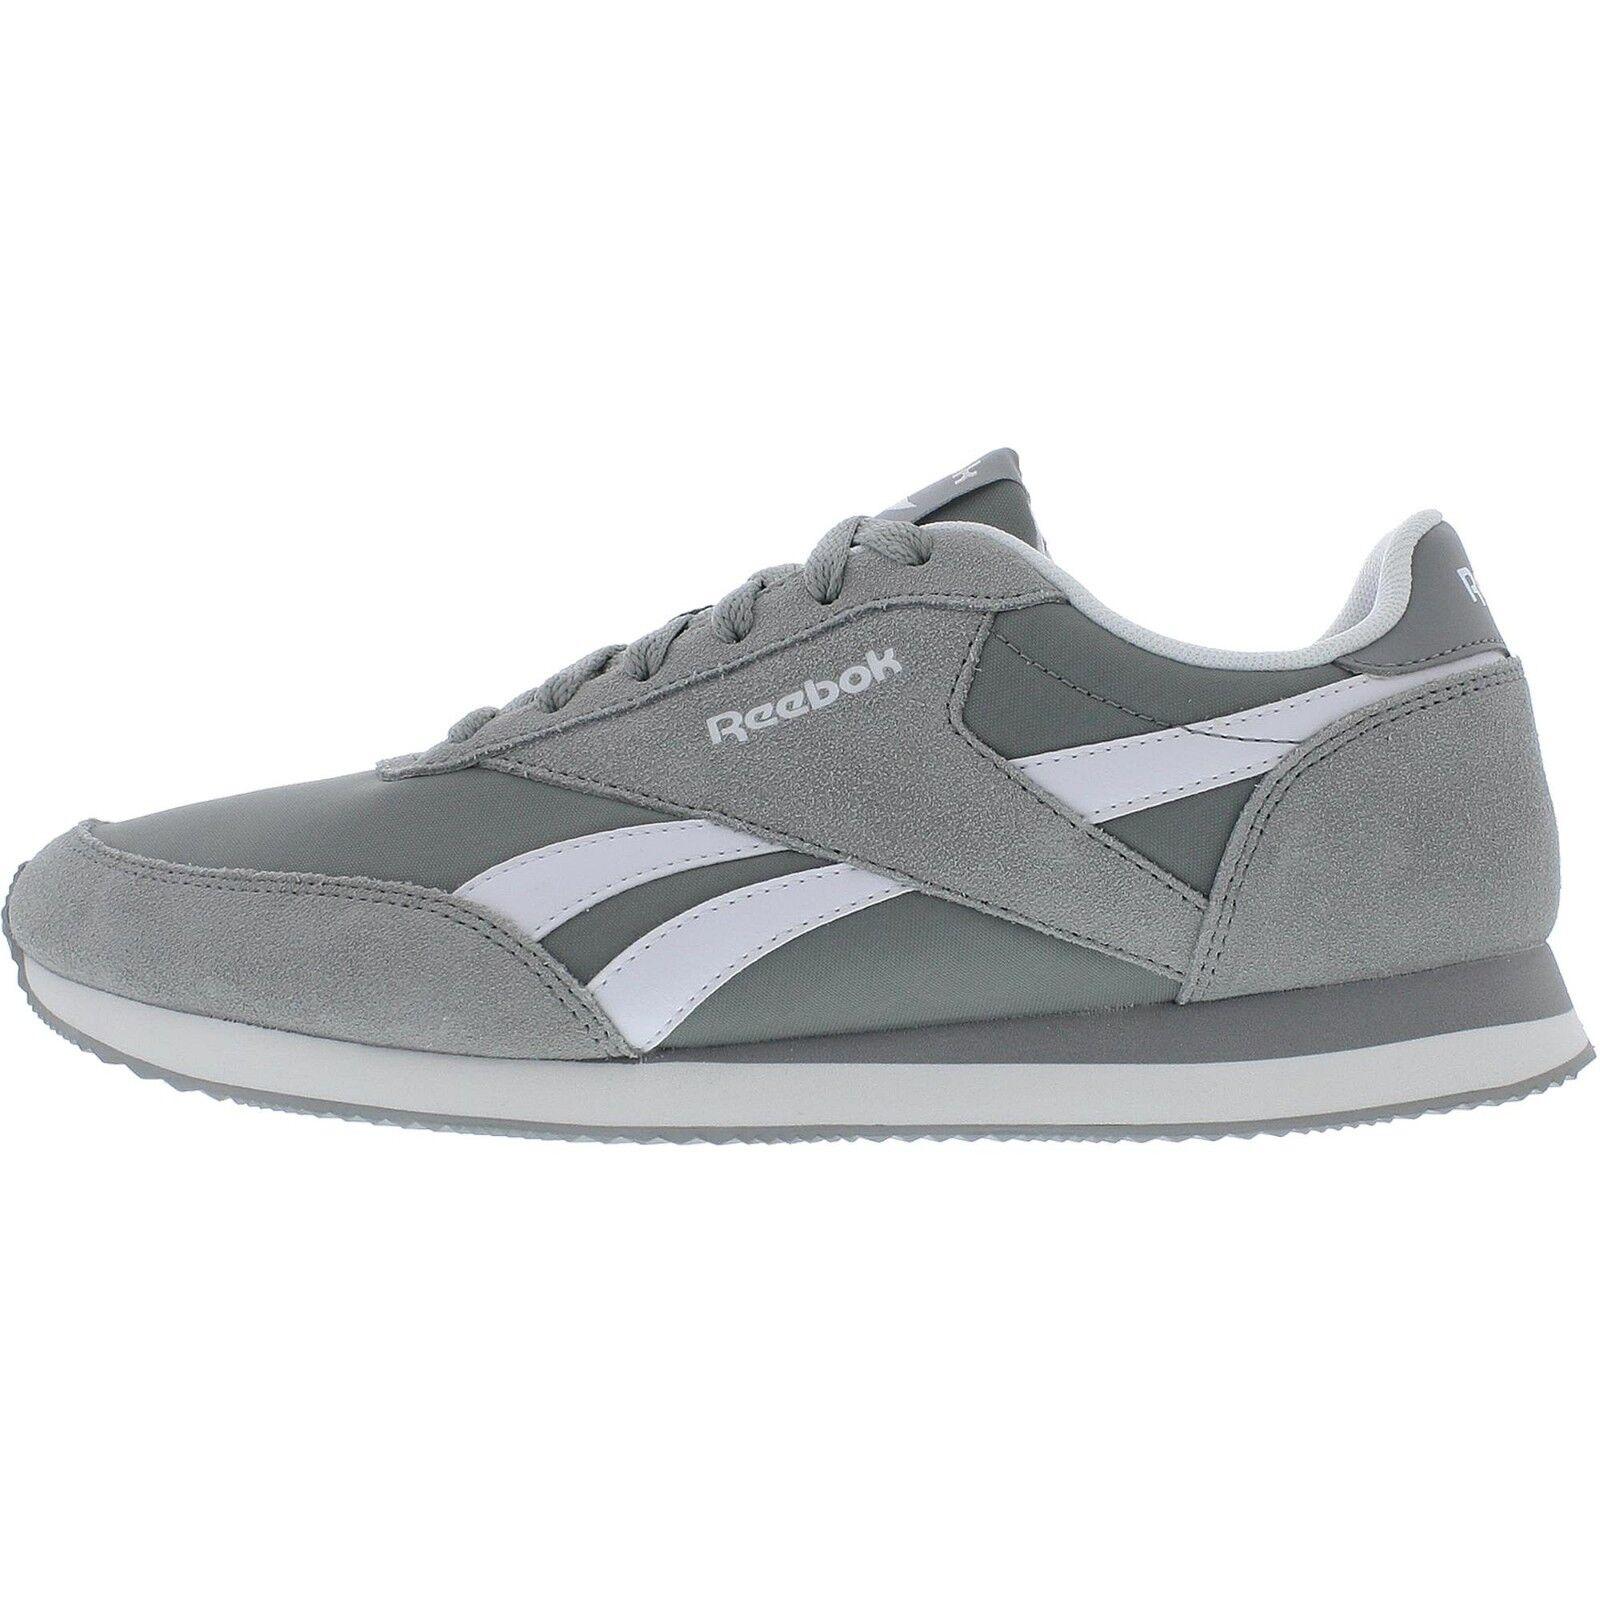 Reebok Hombre Clásico Real Jogger 2 Zapatillas para Correr Tenis Zapatos V70712